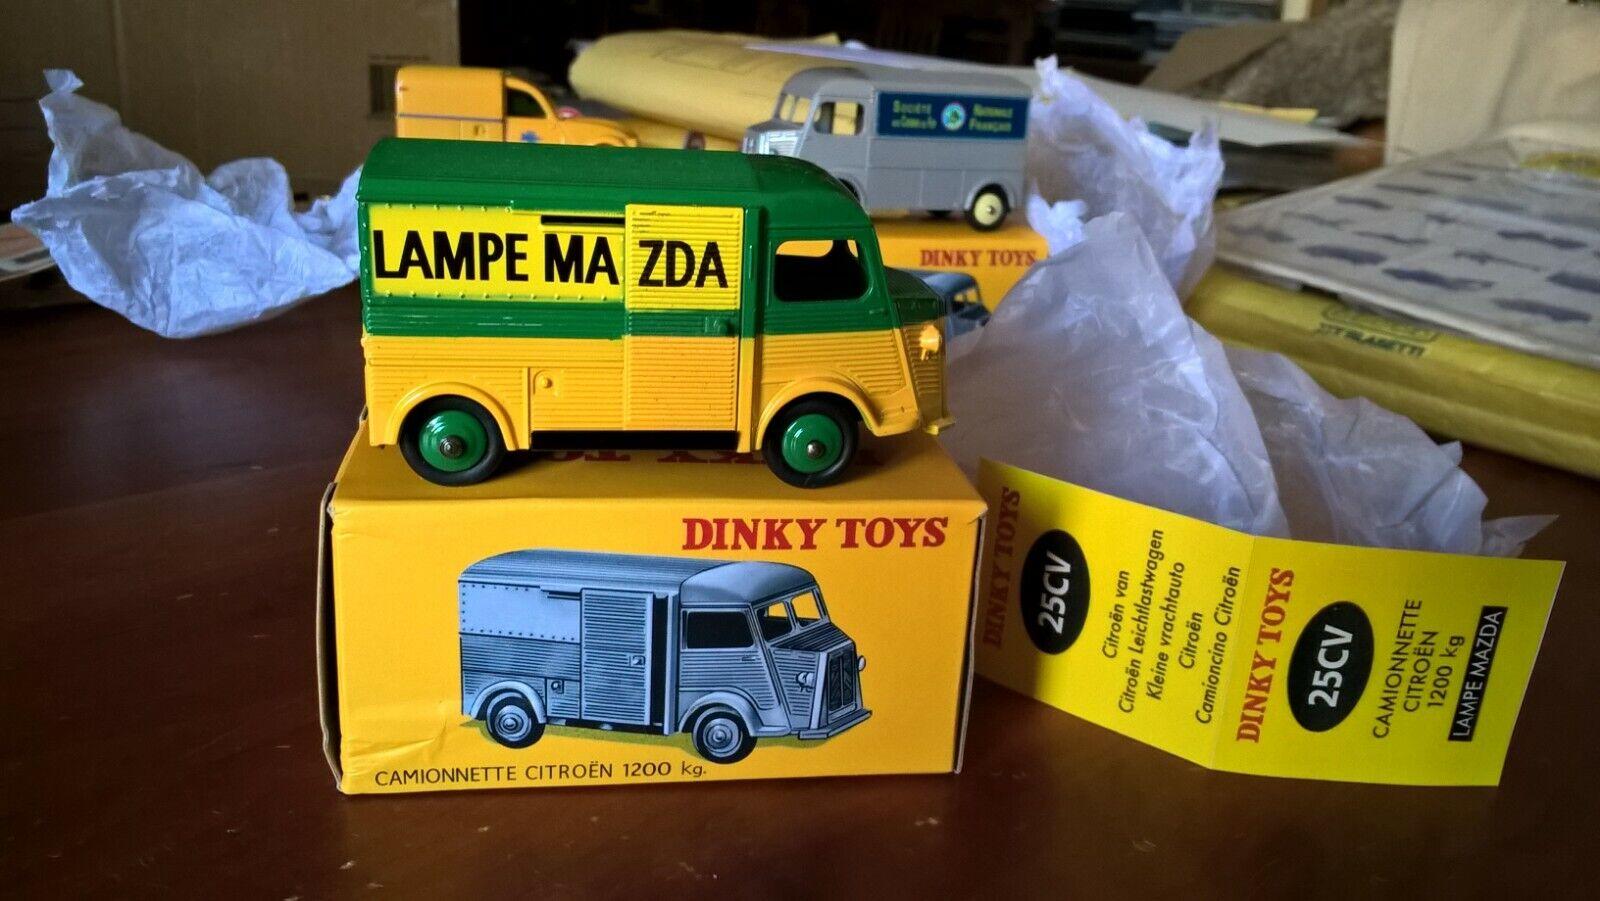 negozio outlet DINKY giocattoli giocattoli giocattoli ATLAS 25CV Citroën Type H 1200 Kg Fourgon camionnette Lampe Mazda  articoli promozionali